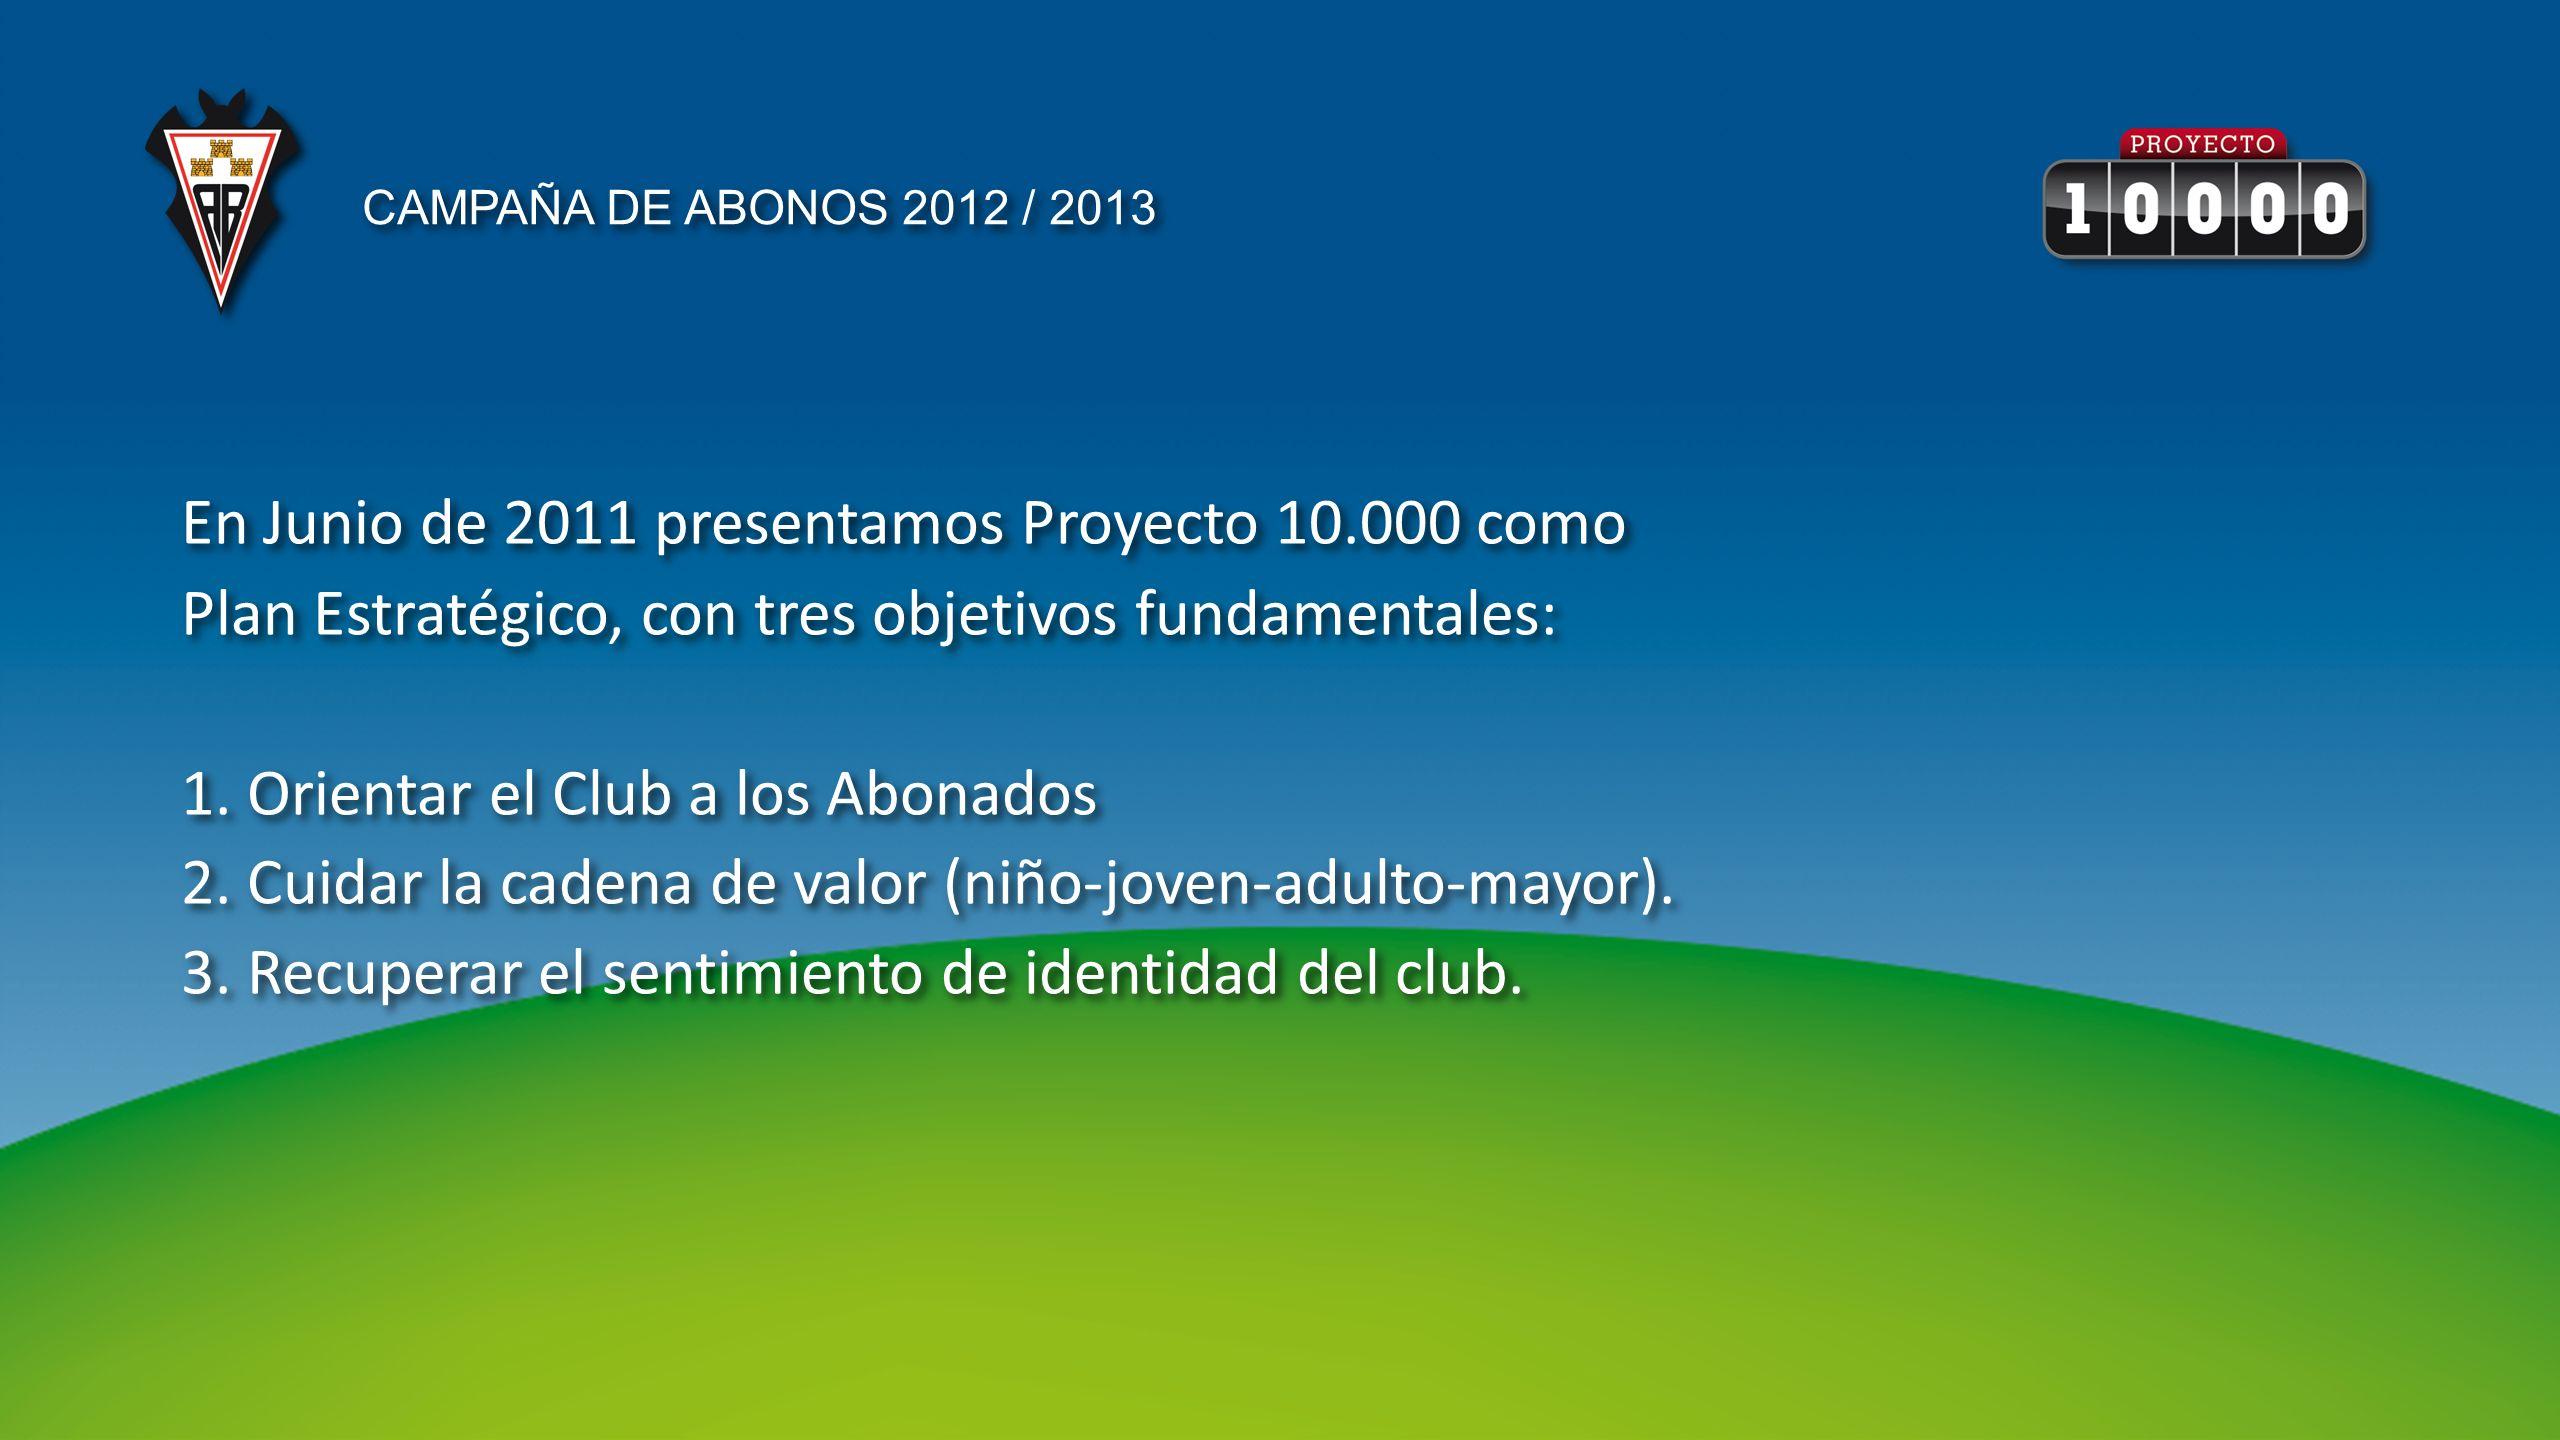 En Junio de 2011 presentamos Proyecto 10.000 como